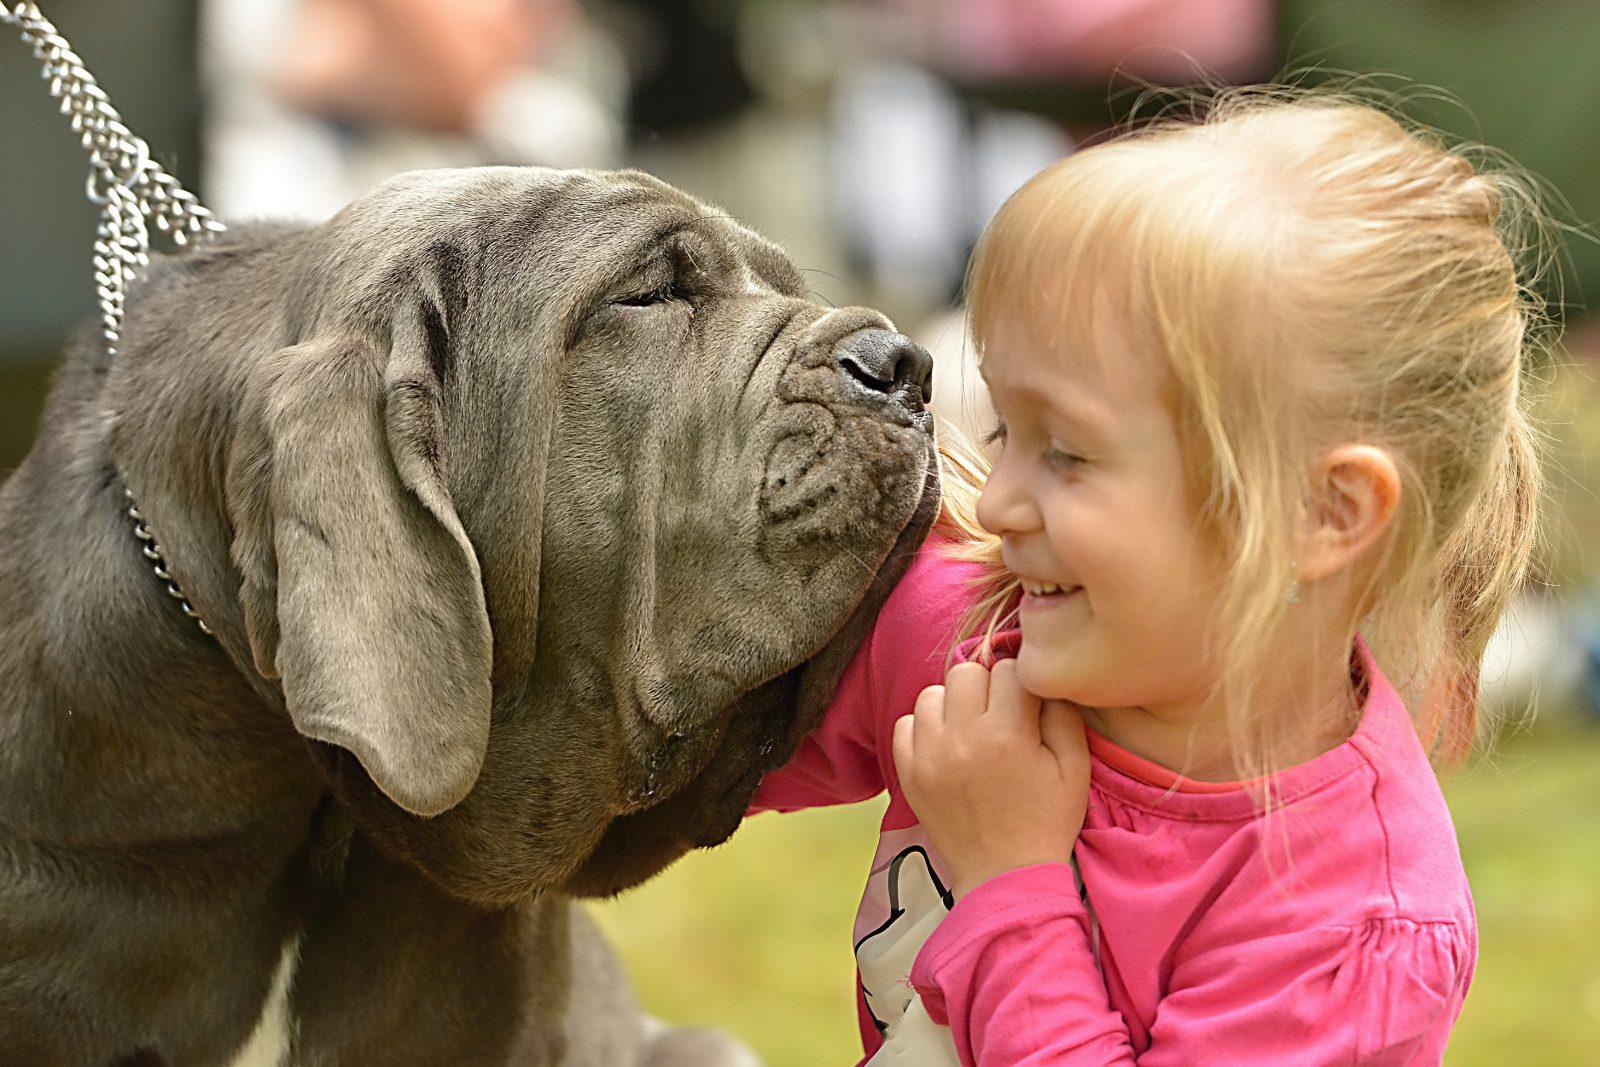 Como diminuir o estresse: criança abraçada ao seu amigo gigante Mastife Napolitano.